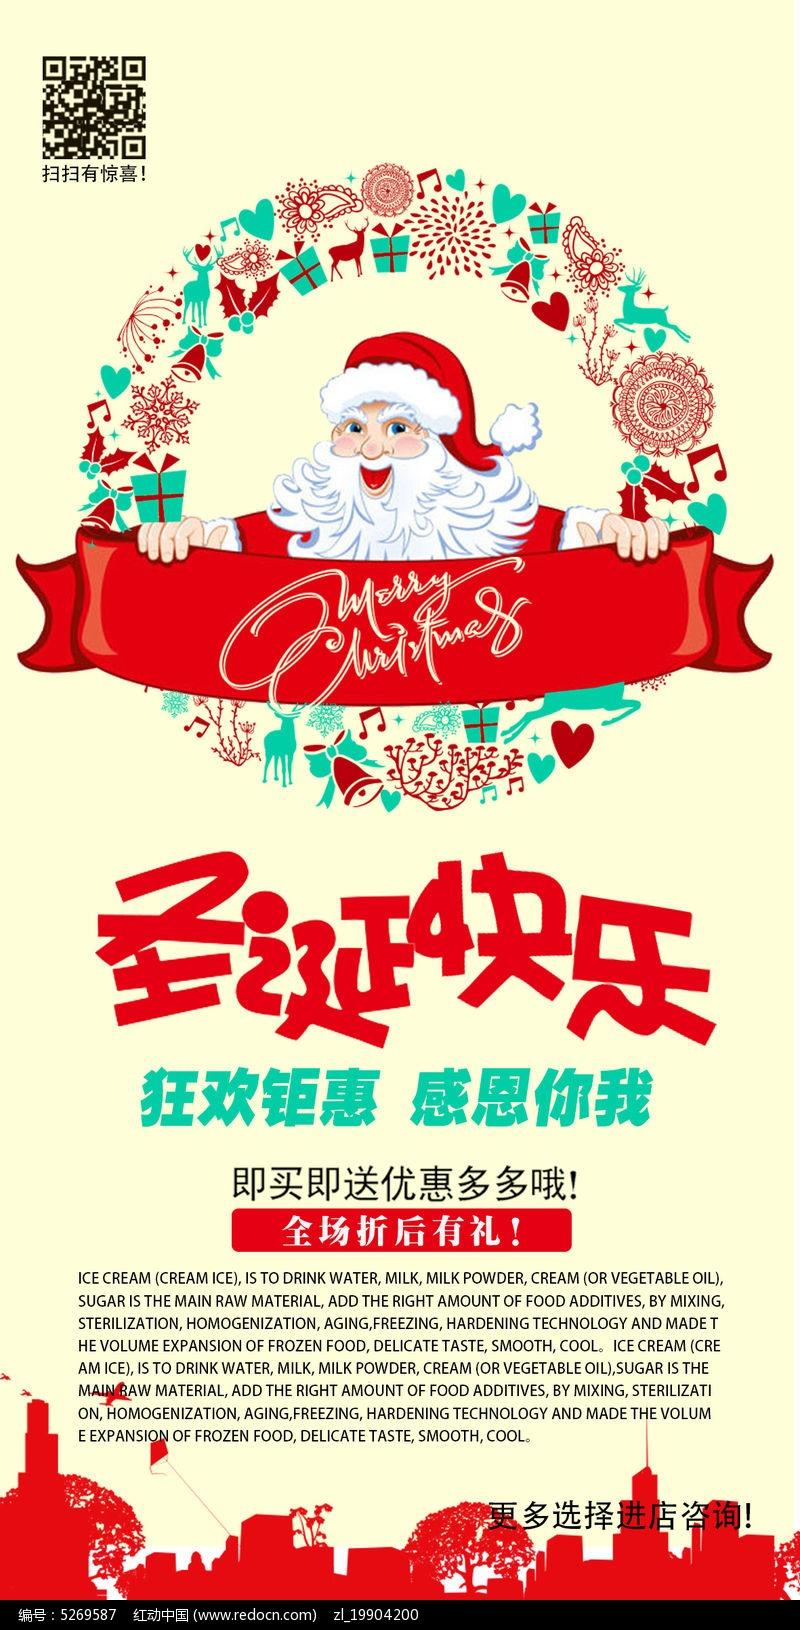 平安夜圣诞节手机促销手绘海报